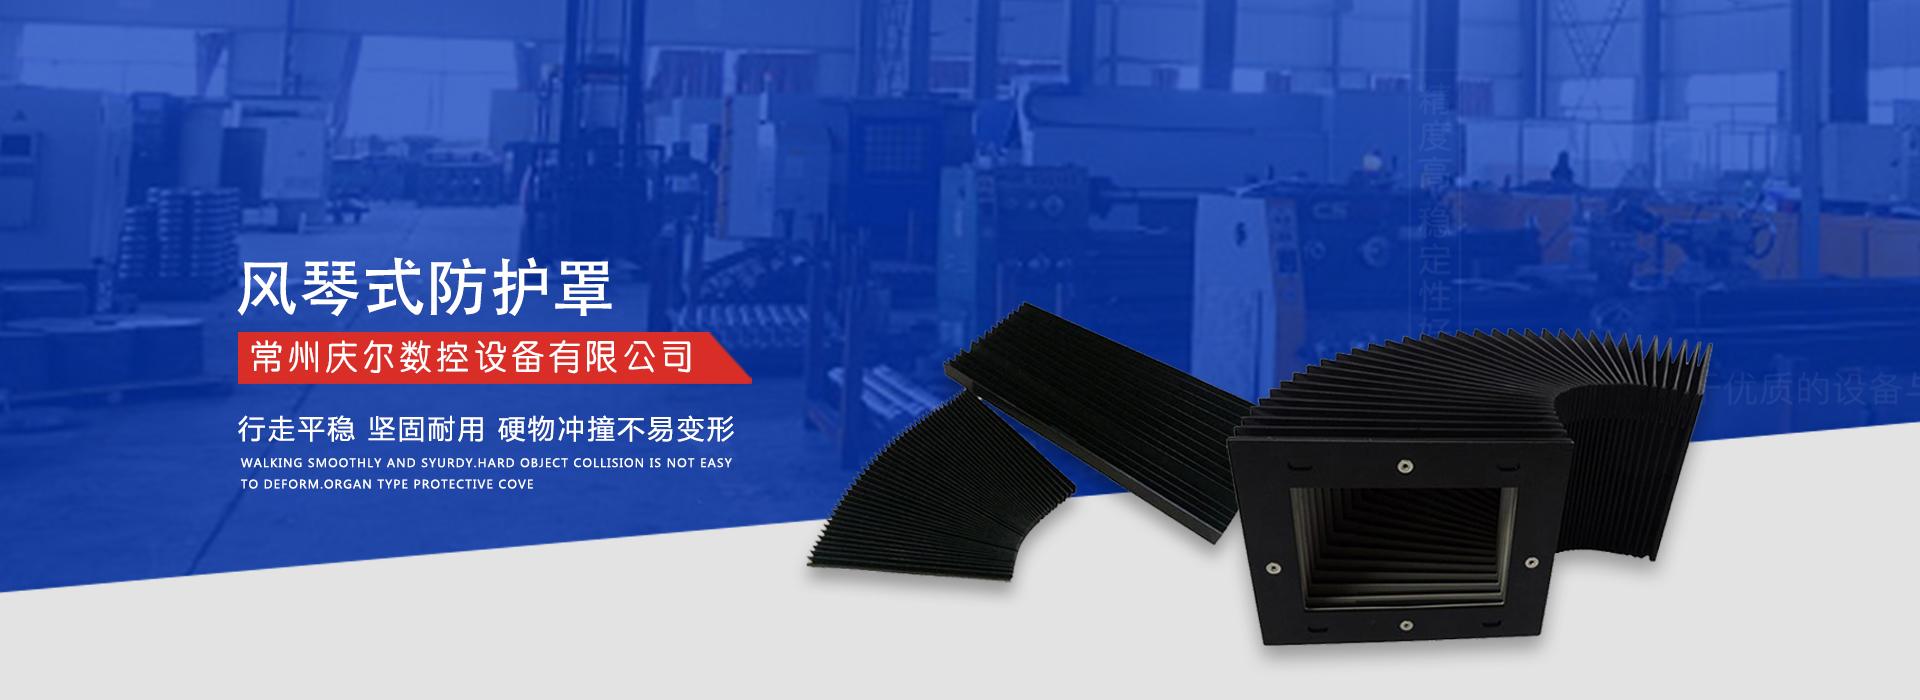 江阴风琴防护罩厂家